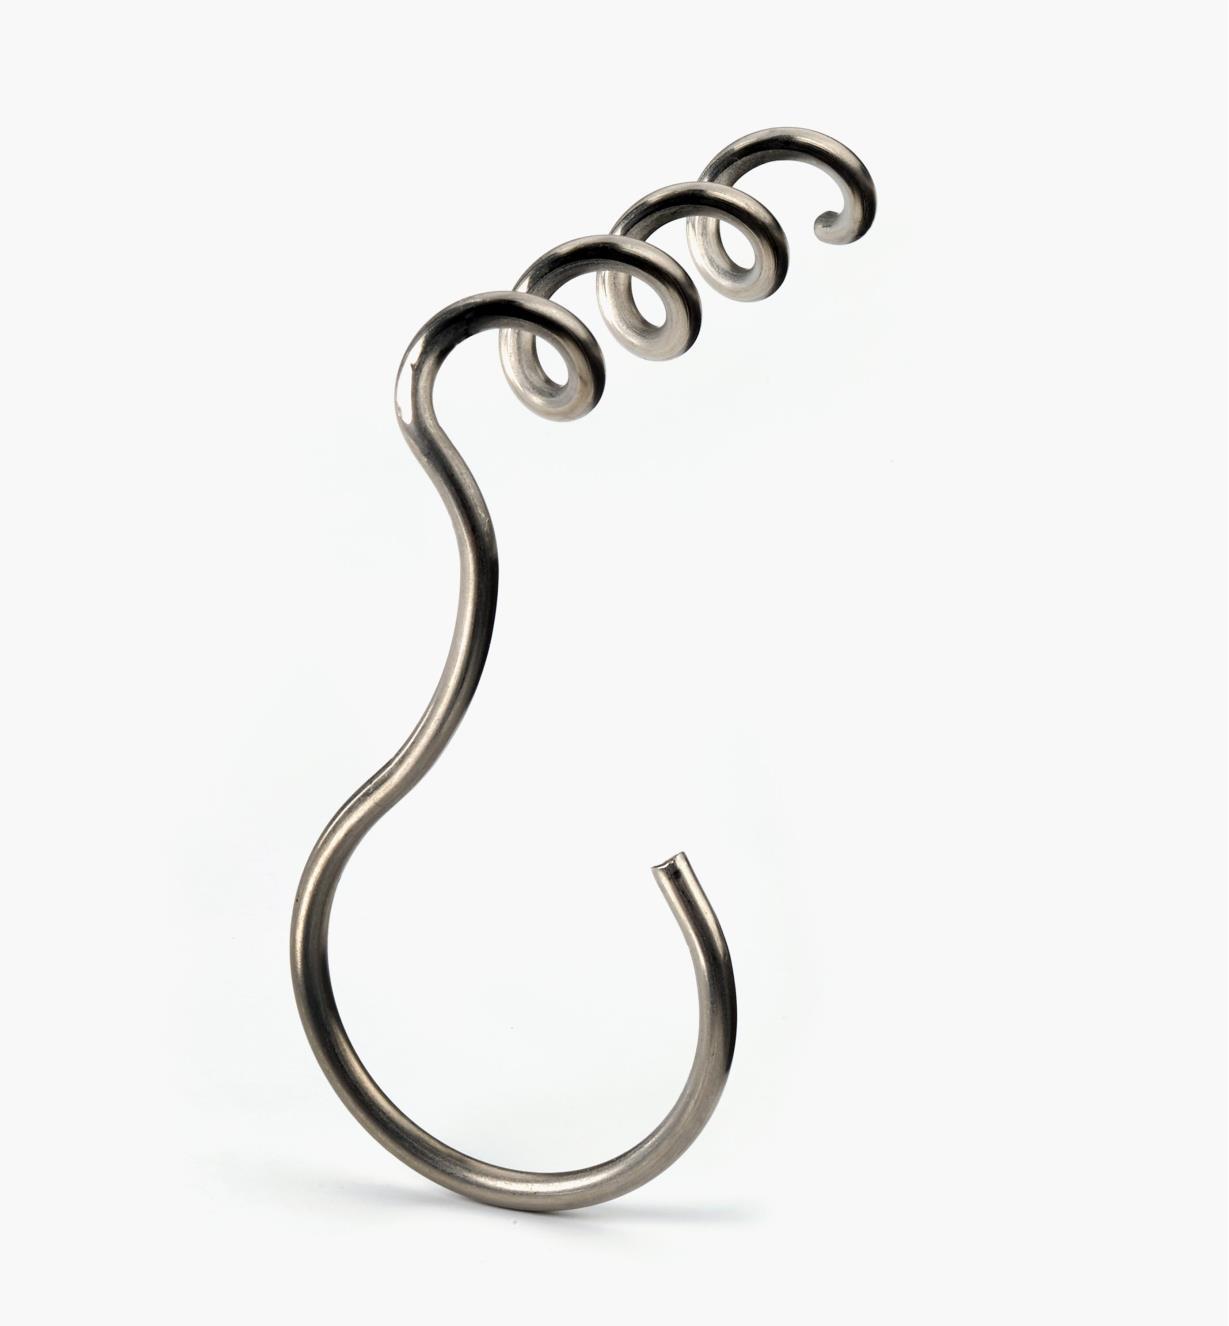 05H4506 - Line Hooks, pkg. of 6